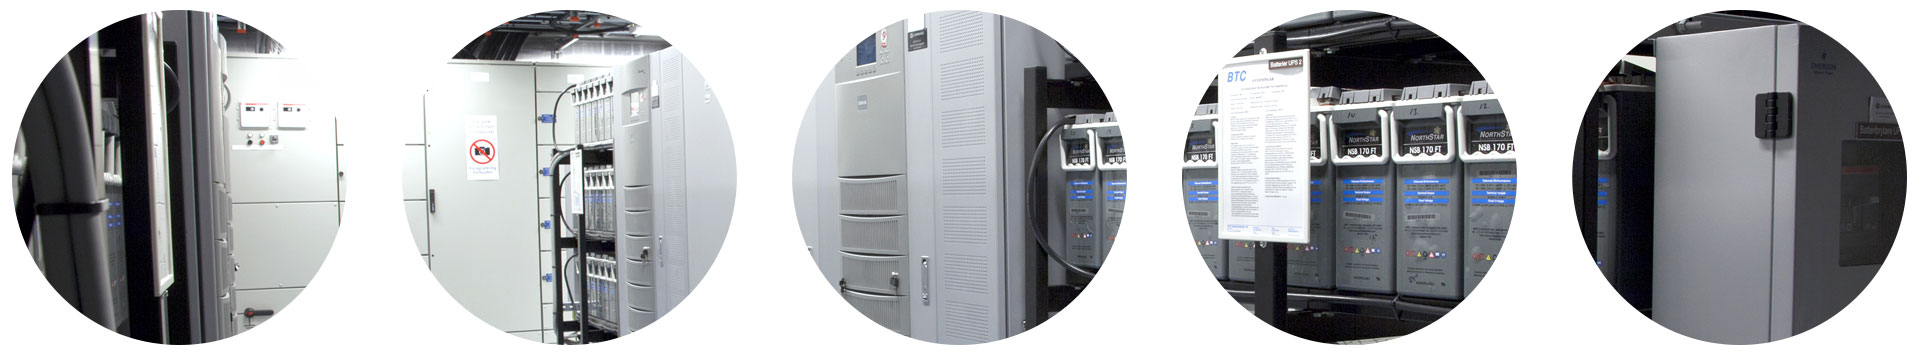 Coromatic er spesialister på produkter innen UPS – avbruddsfri strømforsyning